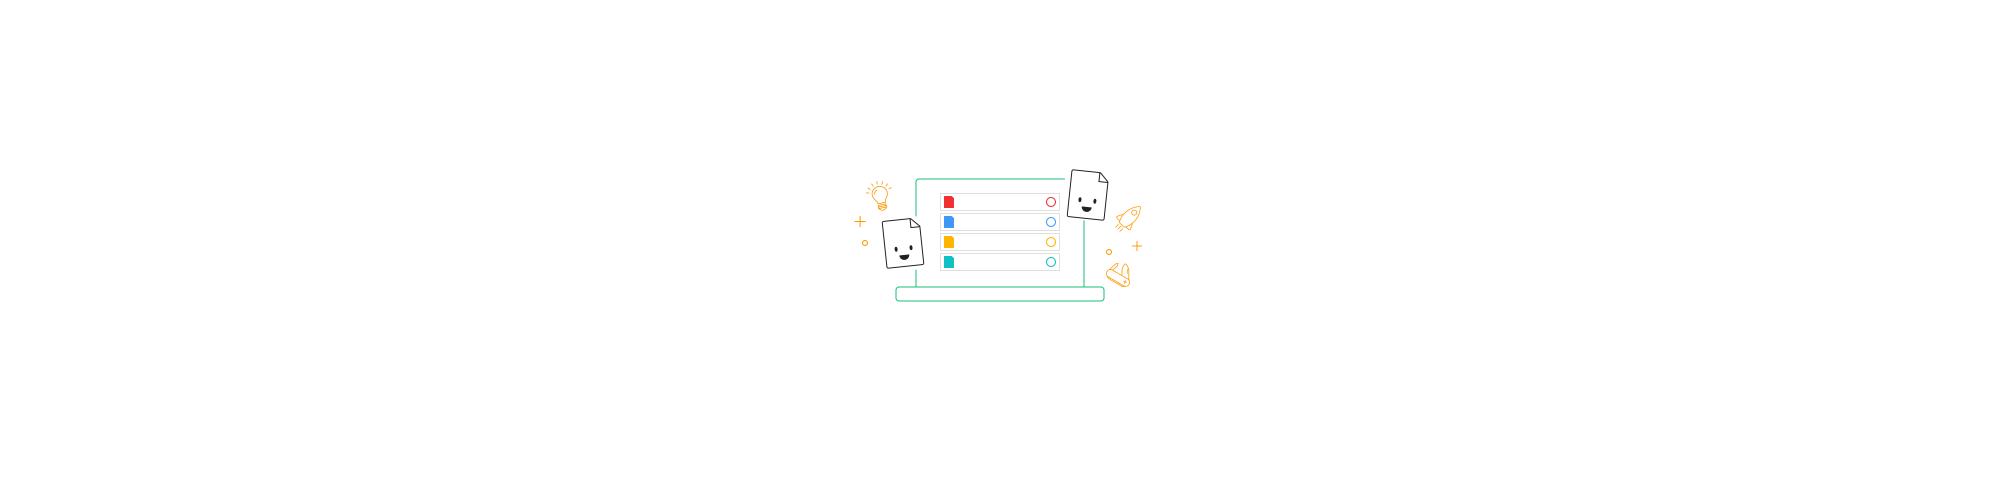 2020-08-26-como-colaborar-y-compartir-archivos